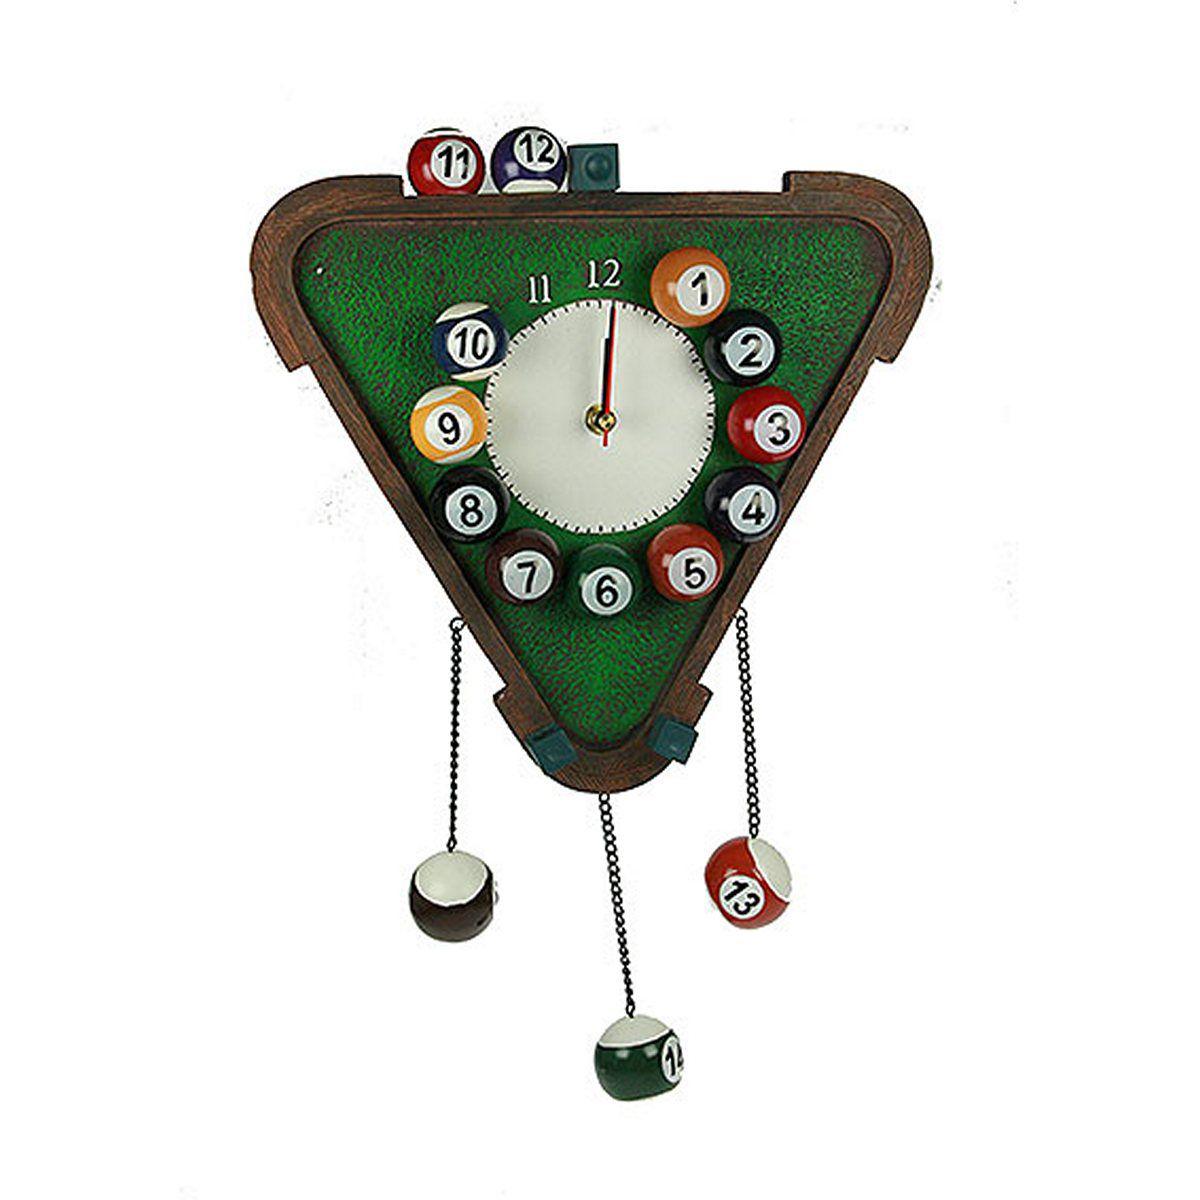 Часы настенные Русские Подарки Бильярд, 30 х 45 х 5 см. 3641536415Настенные кварцевые часы Русские Подарки Бильярд изготовлены из полистоуна. Корпус оригинально оформлен элементами игры в бильярд. Часы имеют три стрелки - часовую, минутную и секундную. С обратной стороны имеетсяпетелька для подвешивания на стену. Такие часы красиво и необычно оформят интерьер дома или офиса. Также часы могут стать уникальным, полезным подарком для родственников, коллег, знакомых и близких.Часы работают от батареек типа АА (в комплект не входят).